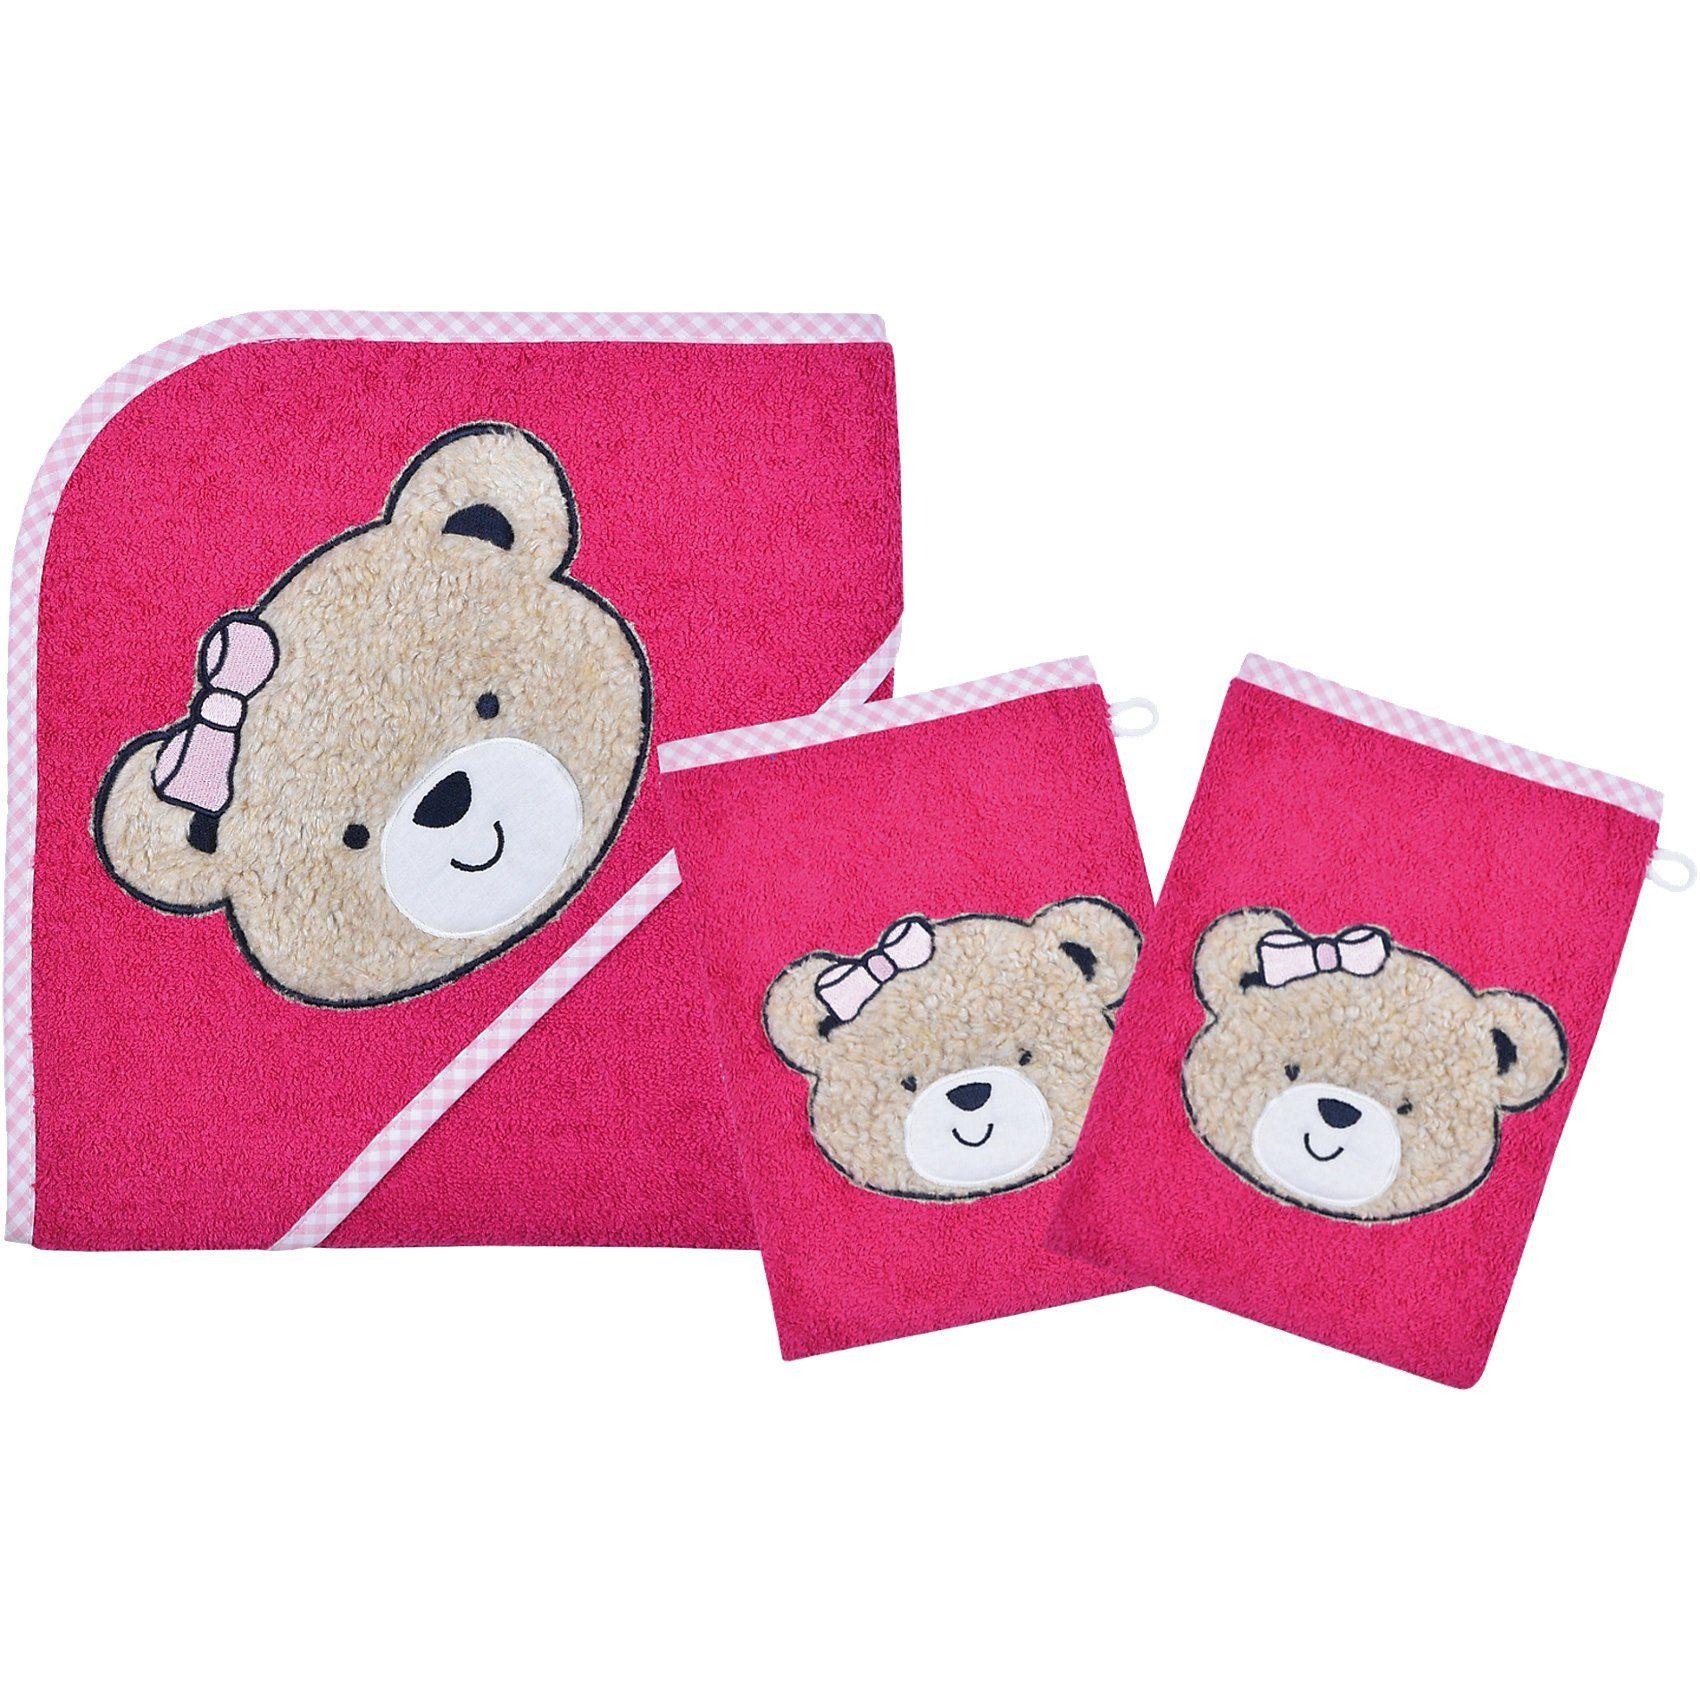 Wörner Set Kapuzenbadetuch mit 2 Waschlappen, Bärchen, pink, 80 x 8